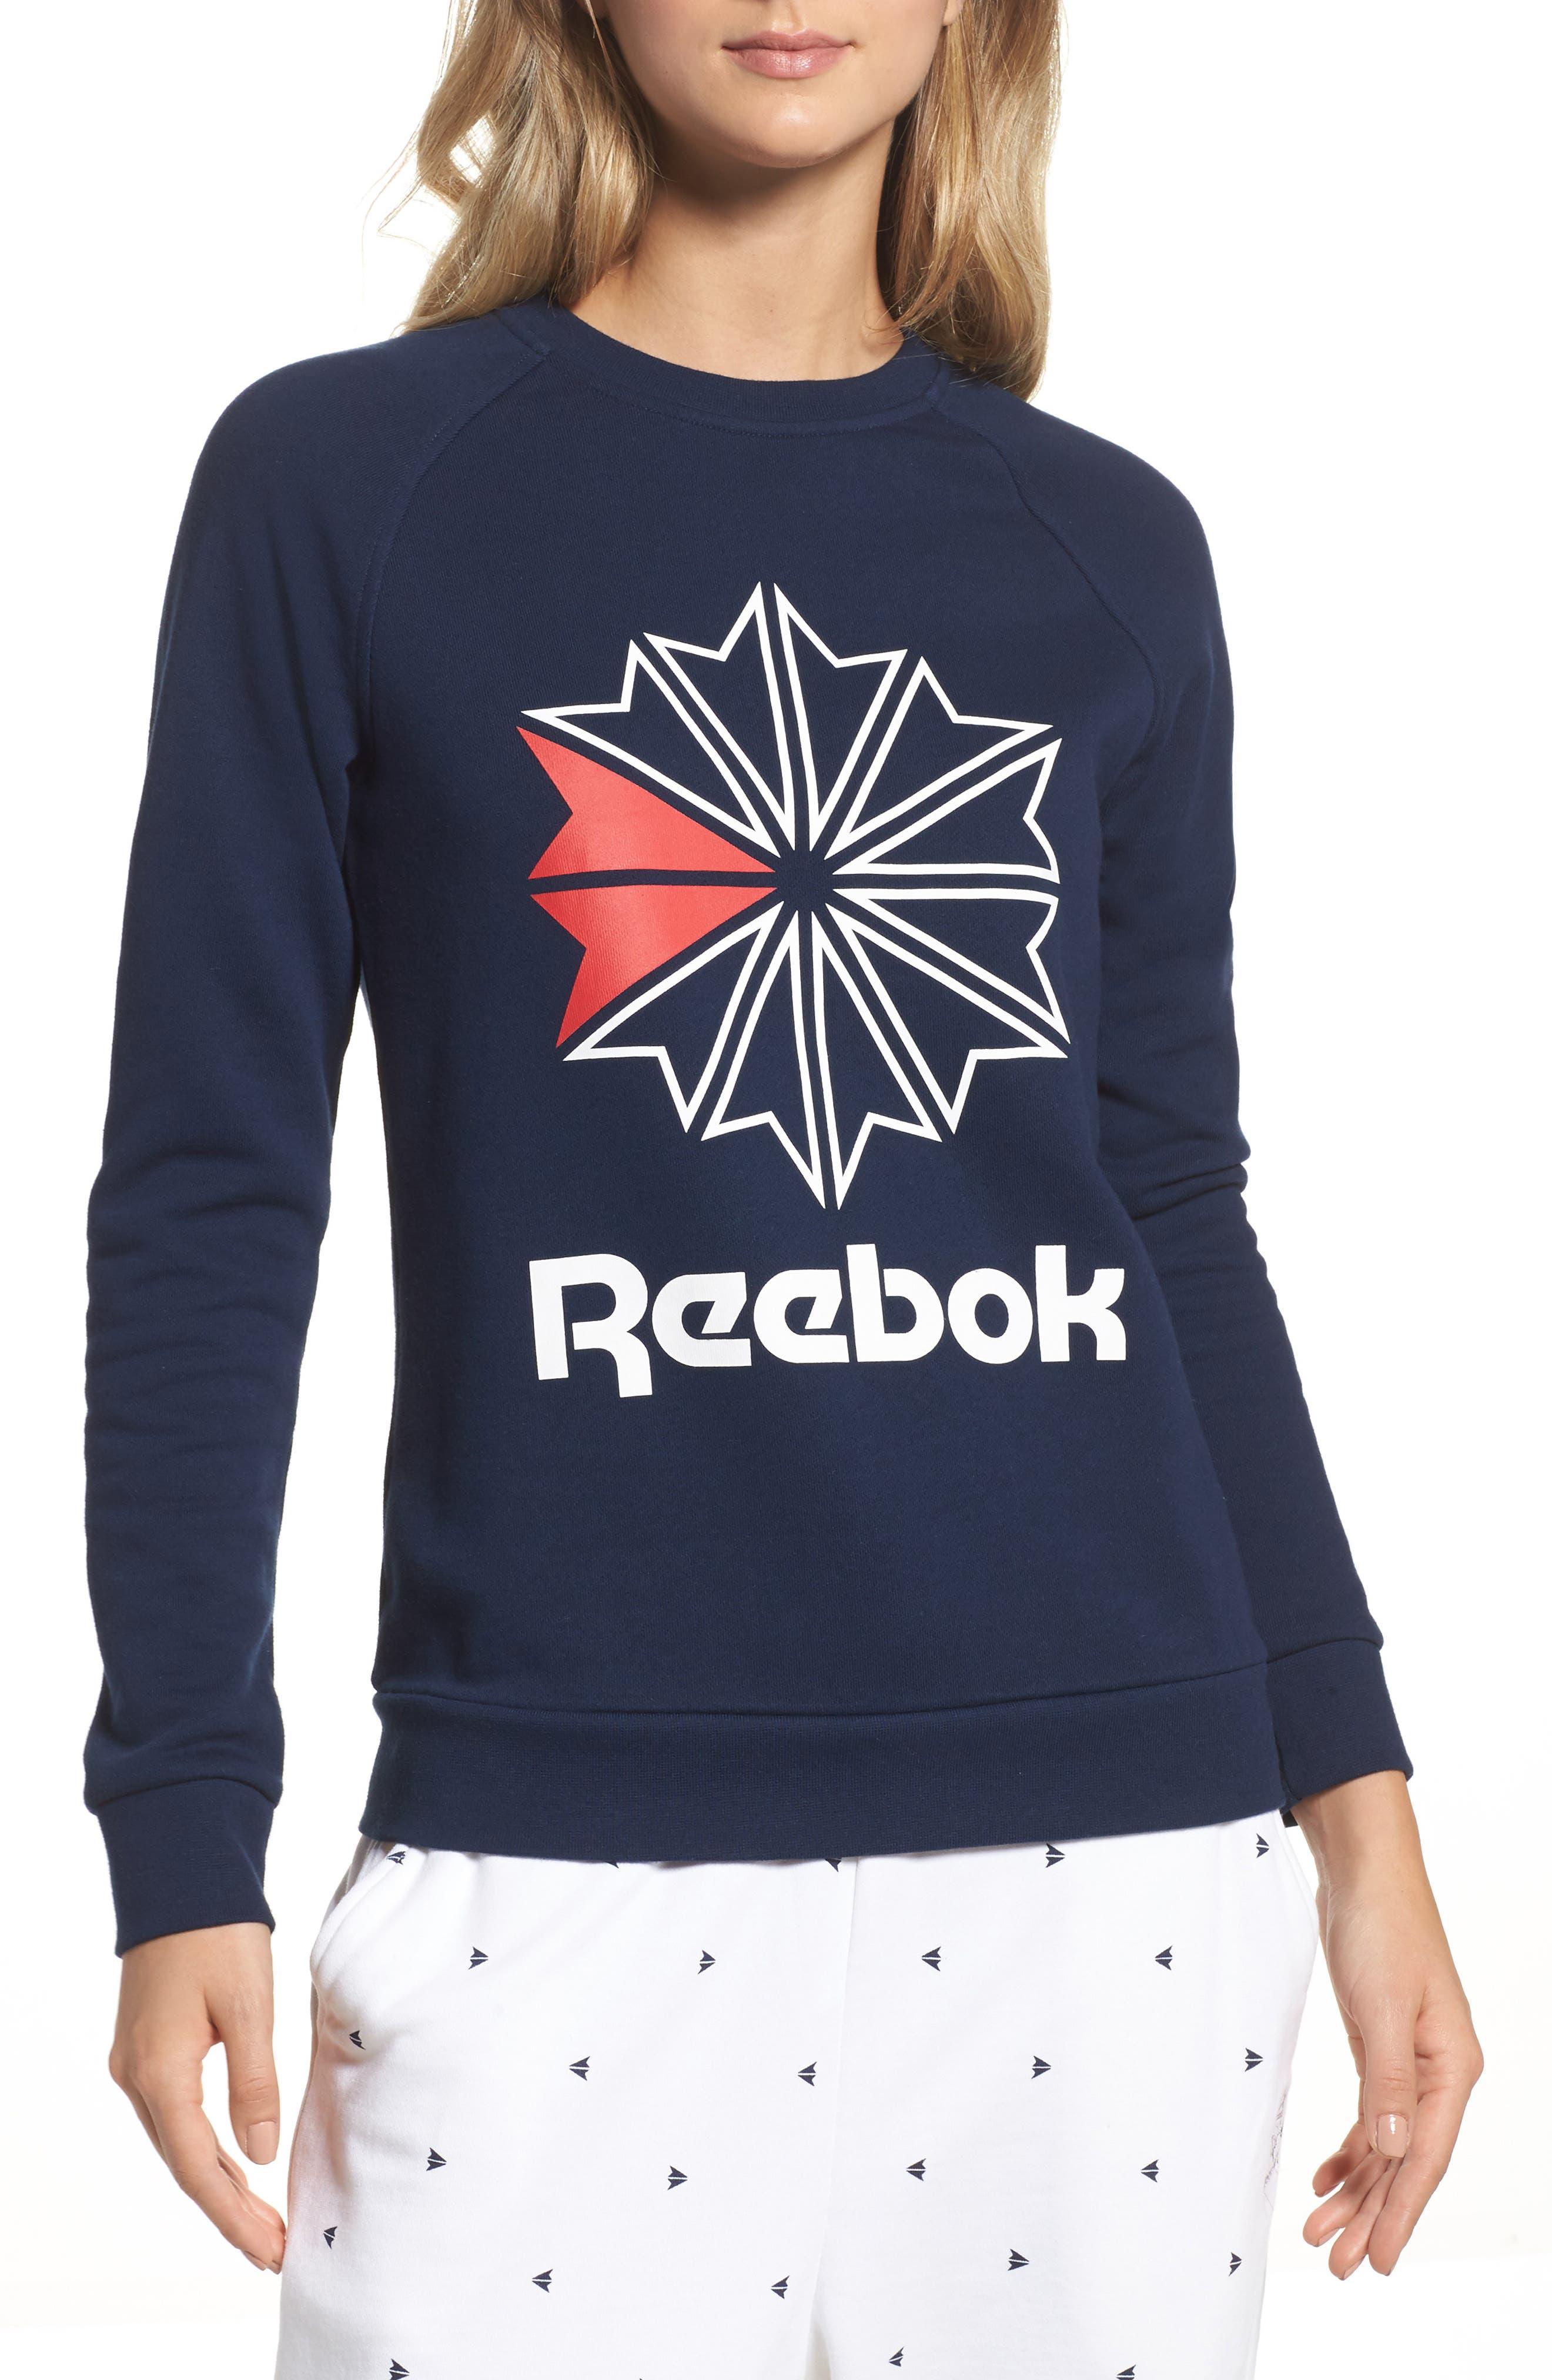 Reebok Starcrest Pullover